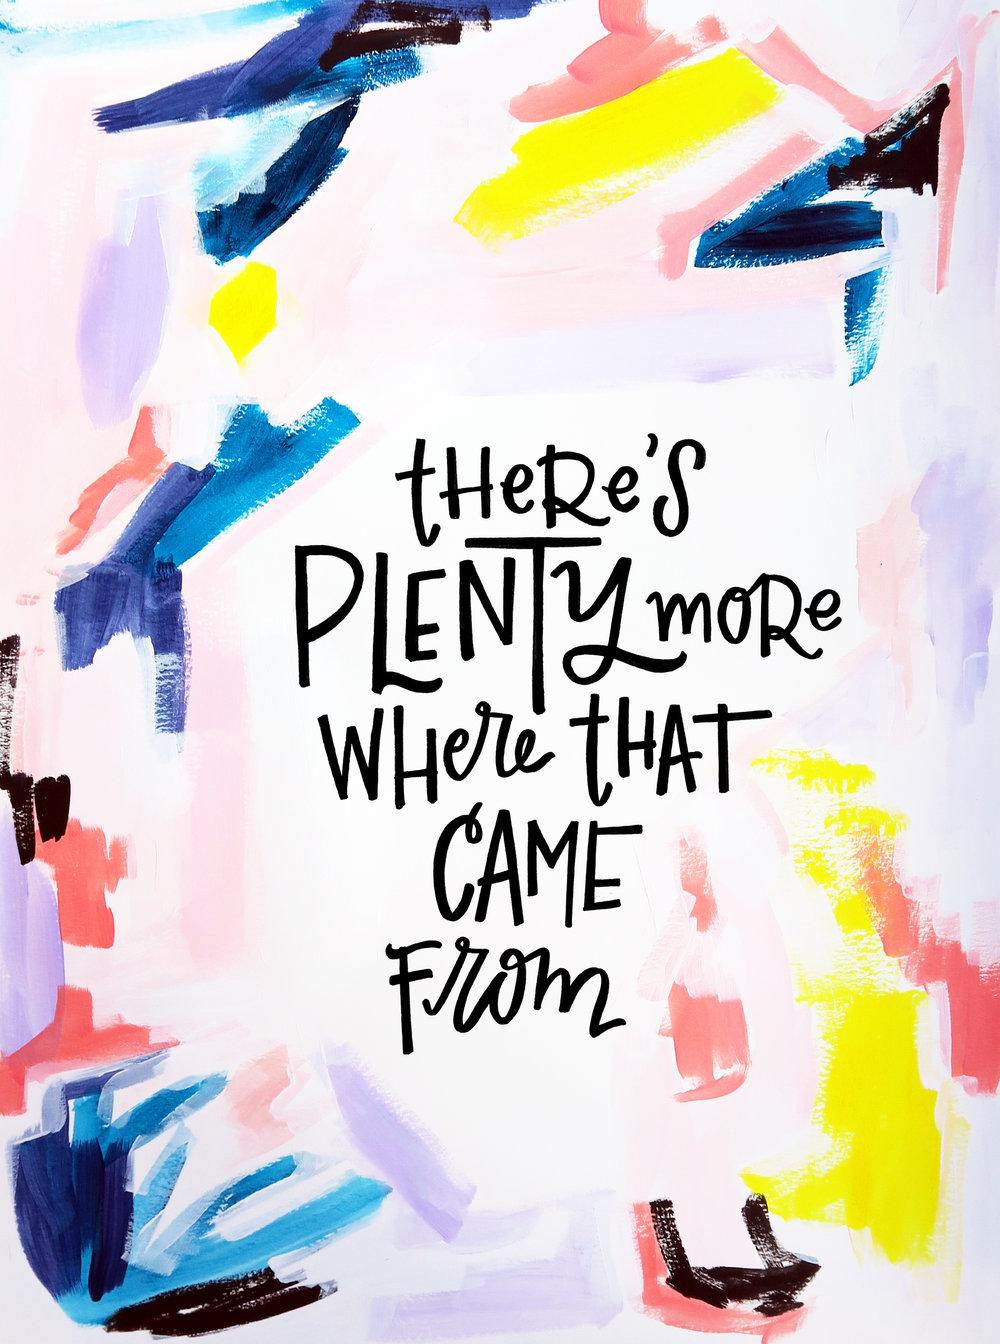 3/29/16: Plenty